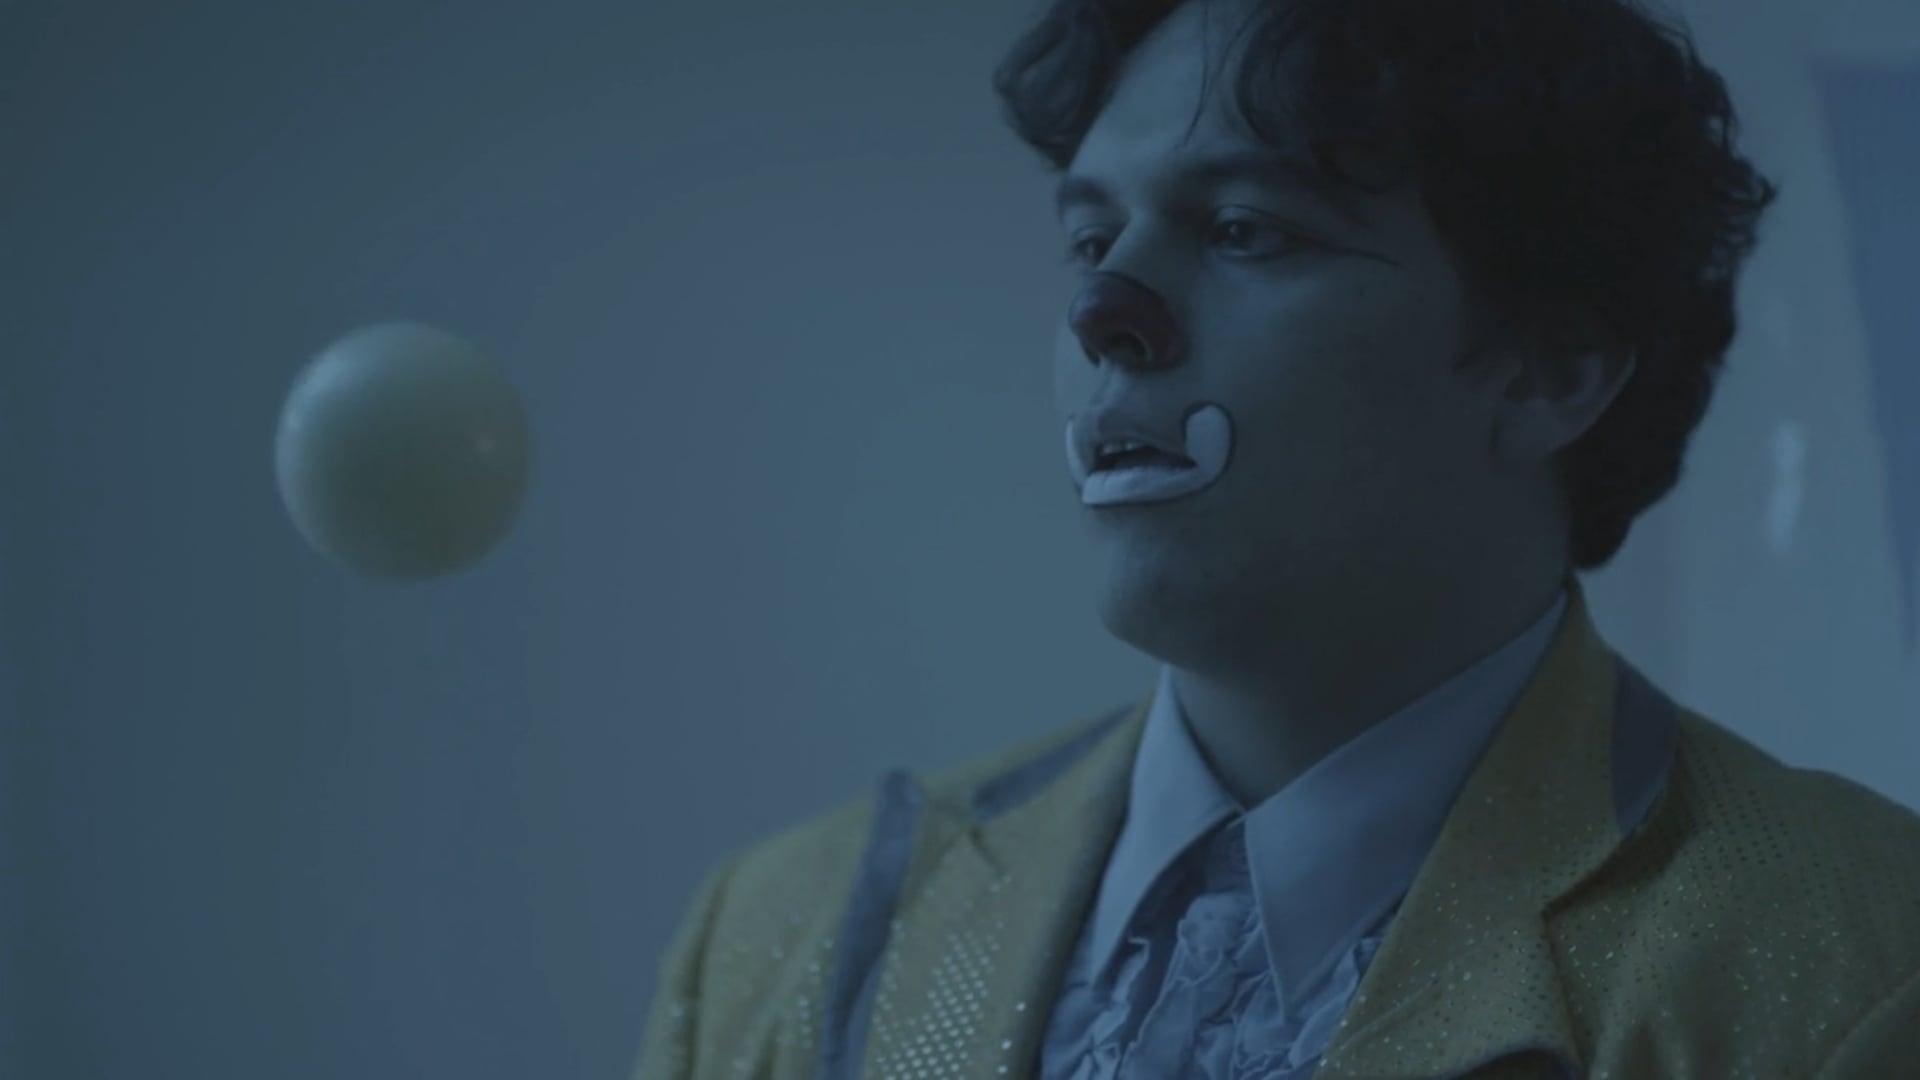 Oscar the Juggler